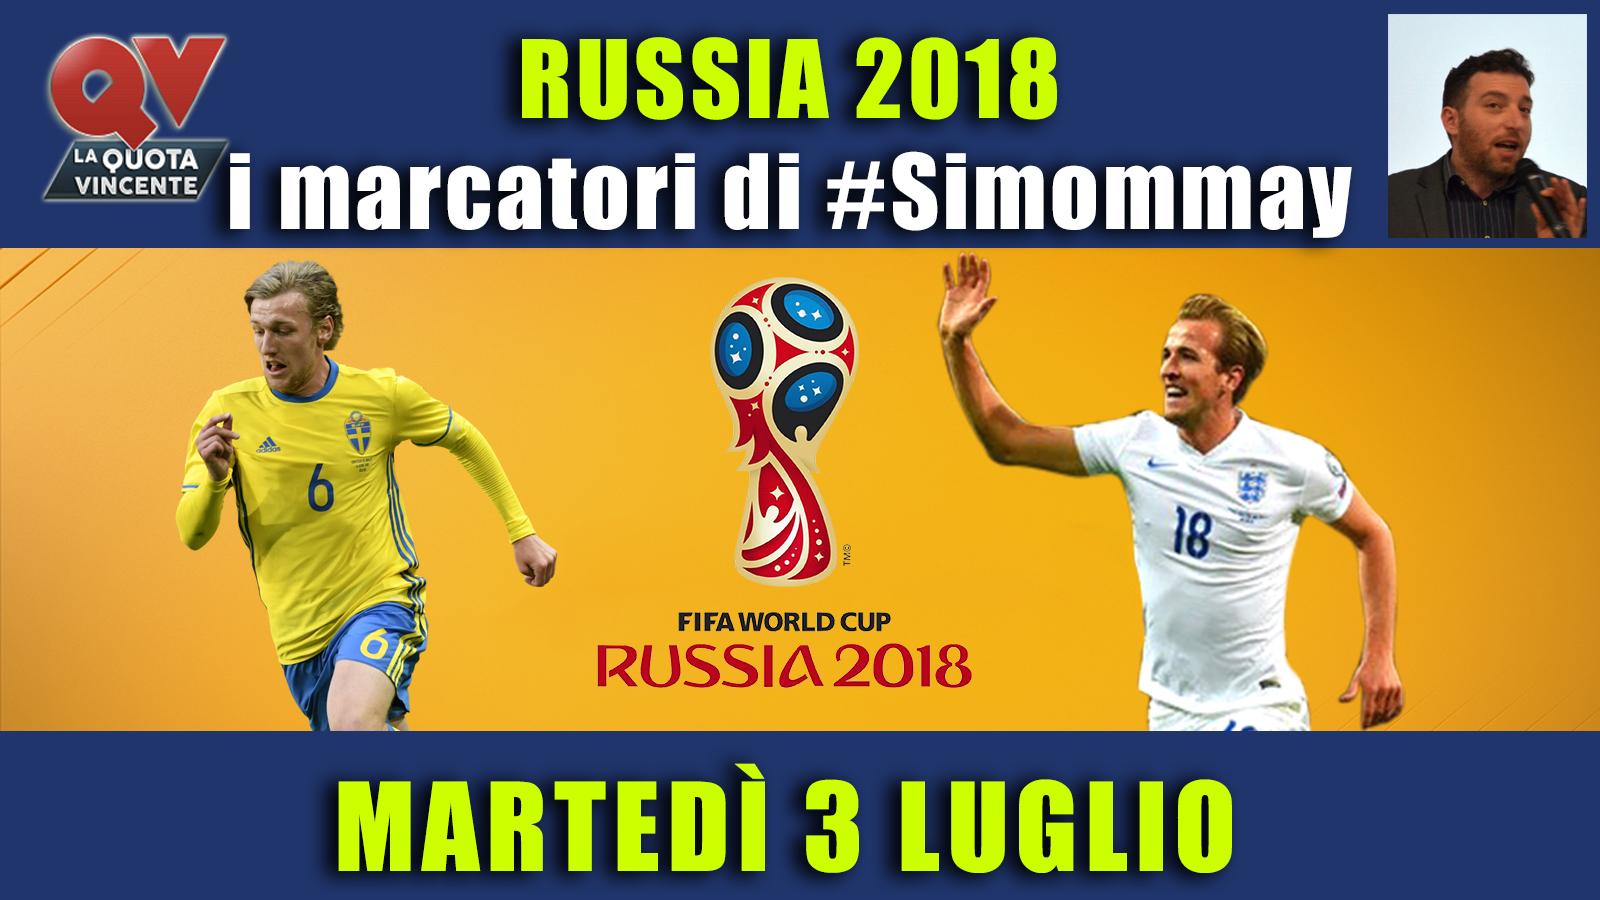 Pronostici marcatori Mondiali 3 luglio: i marcatori di #simommay